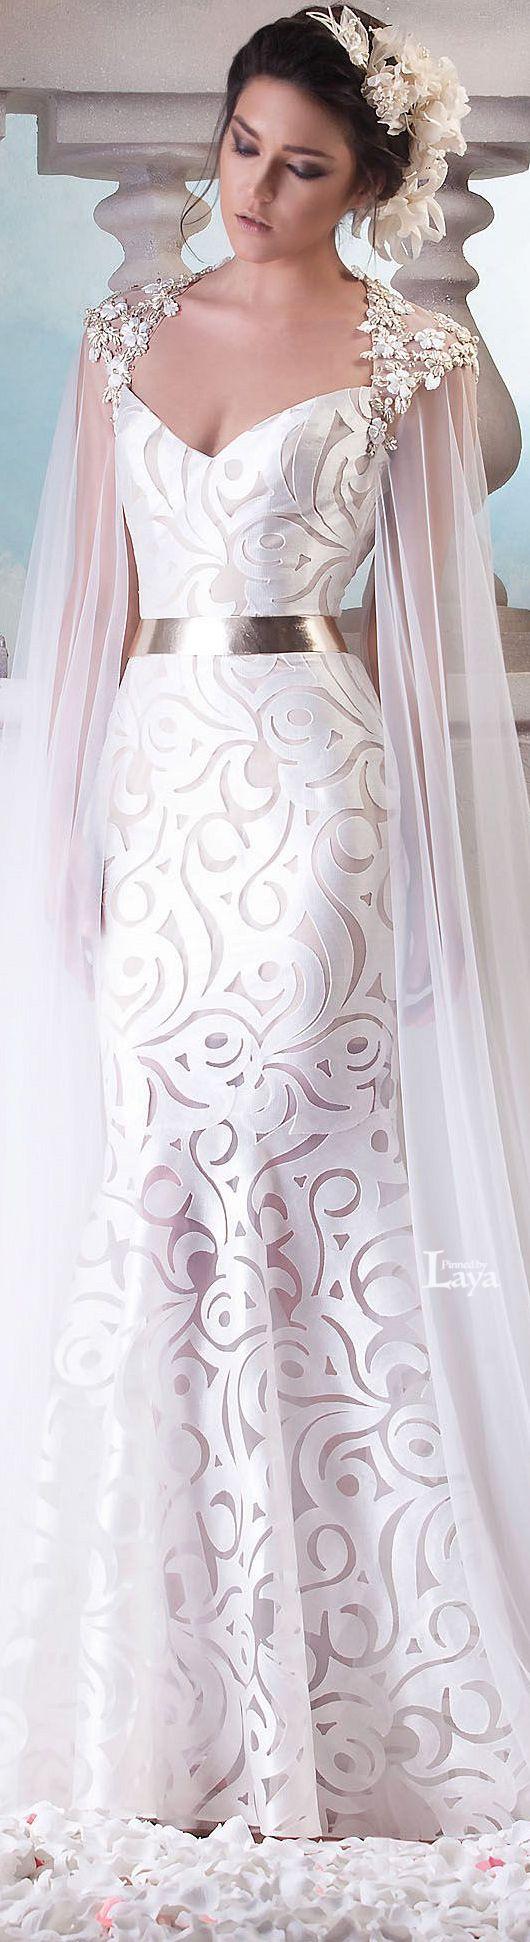 couture robes de mariée pinterest couture wedding dress